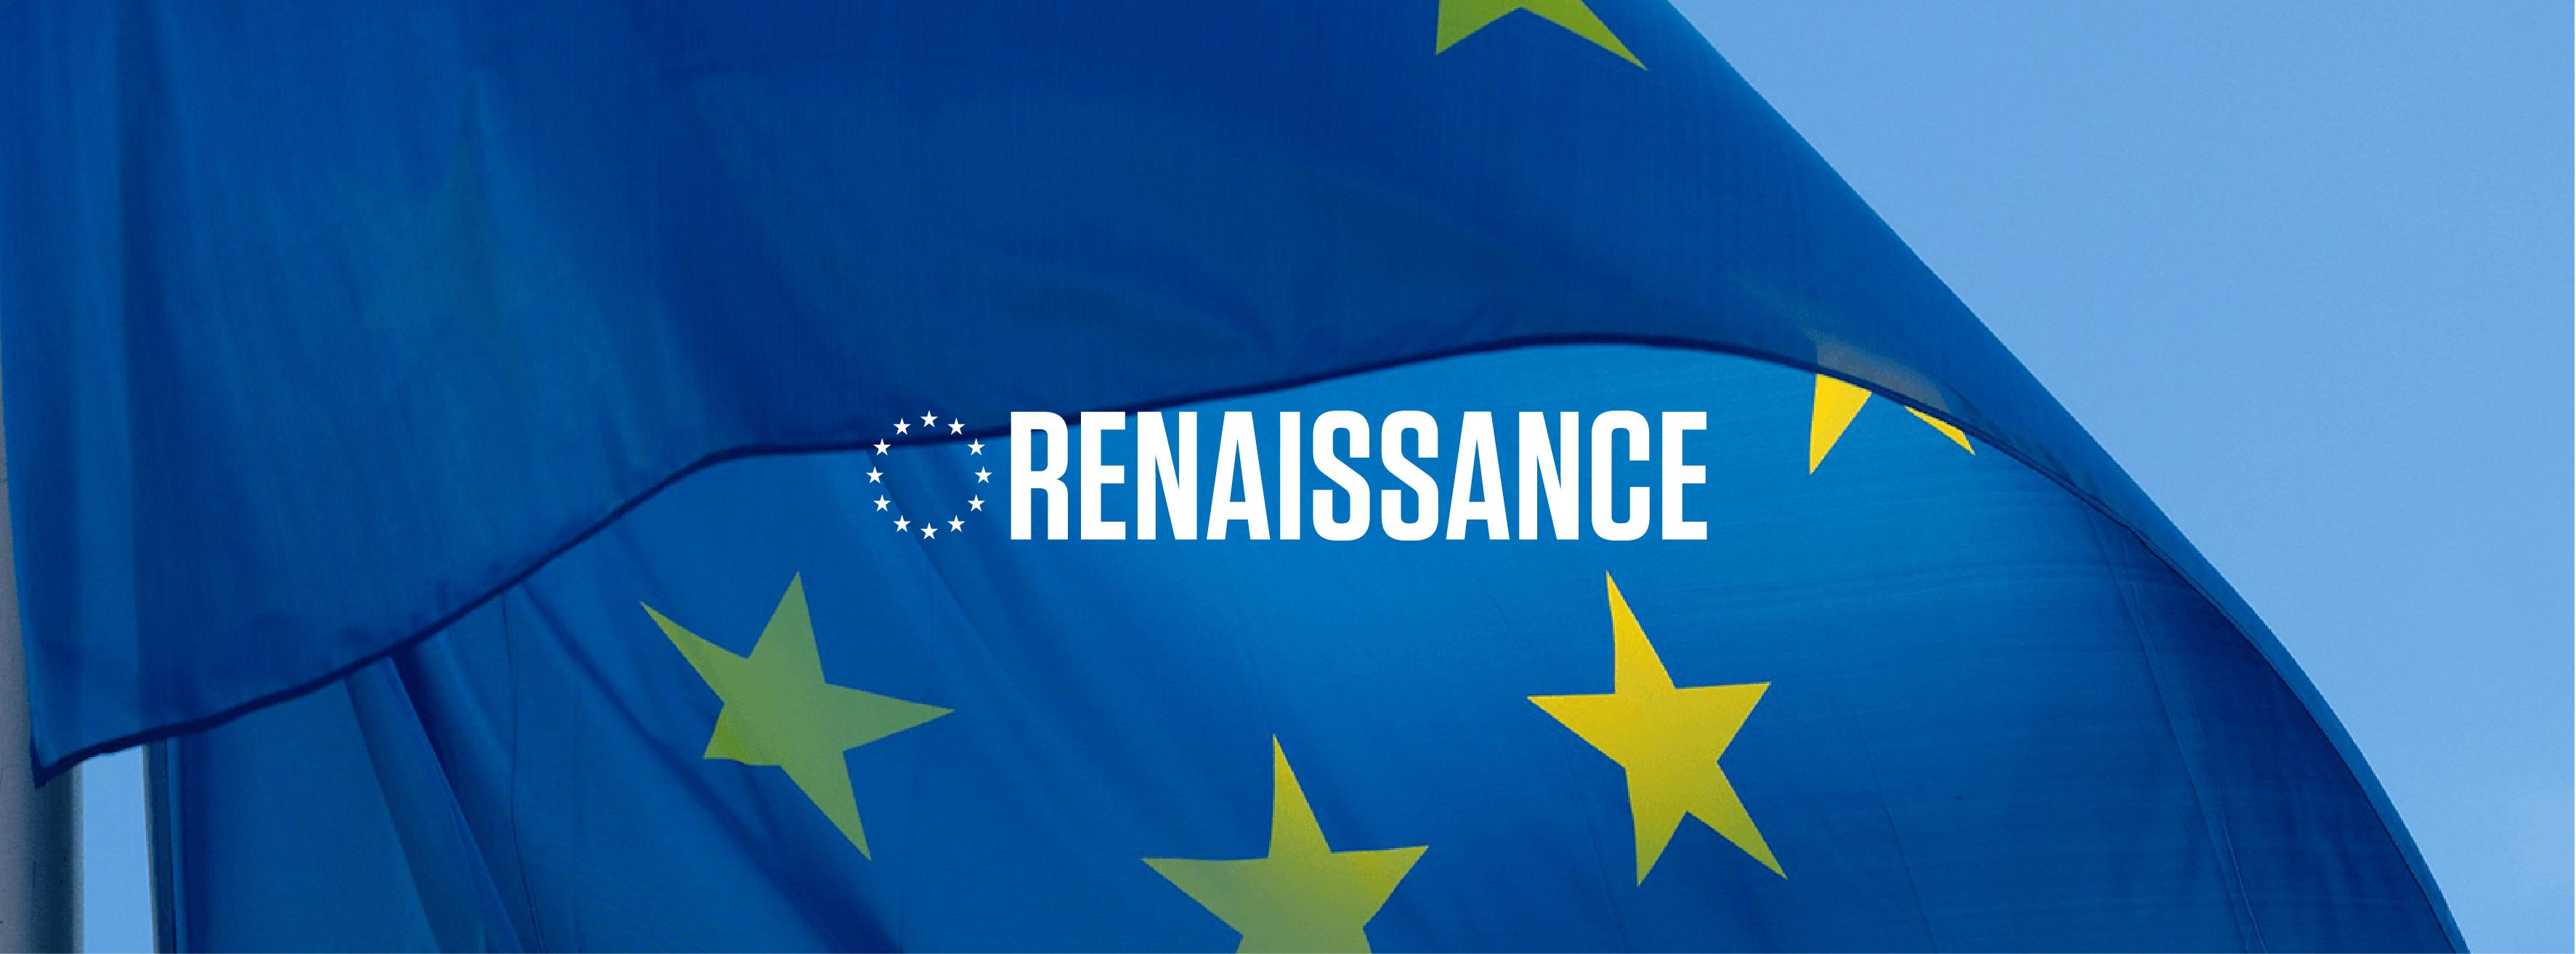 Renaissance : les 30 premiers candidats dévoilés